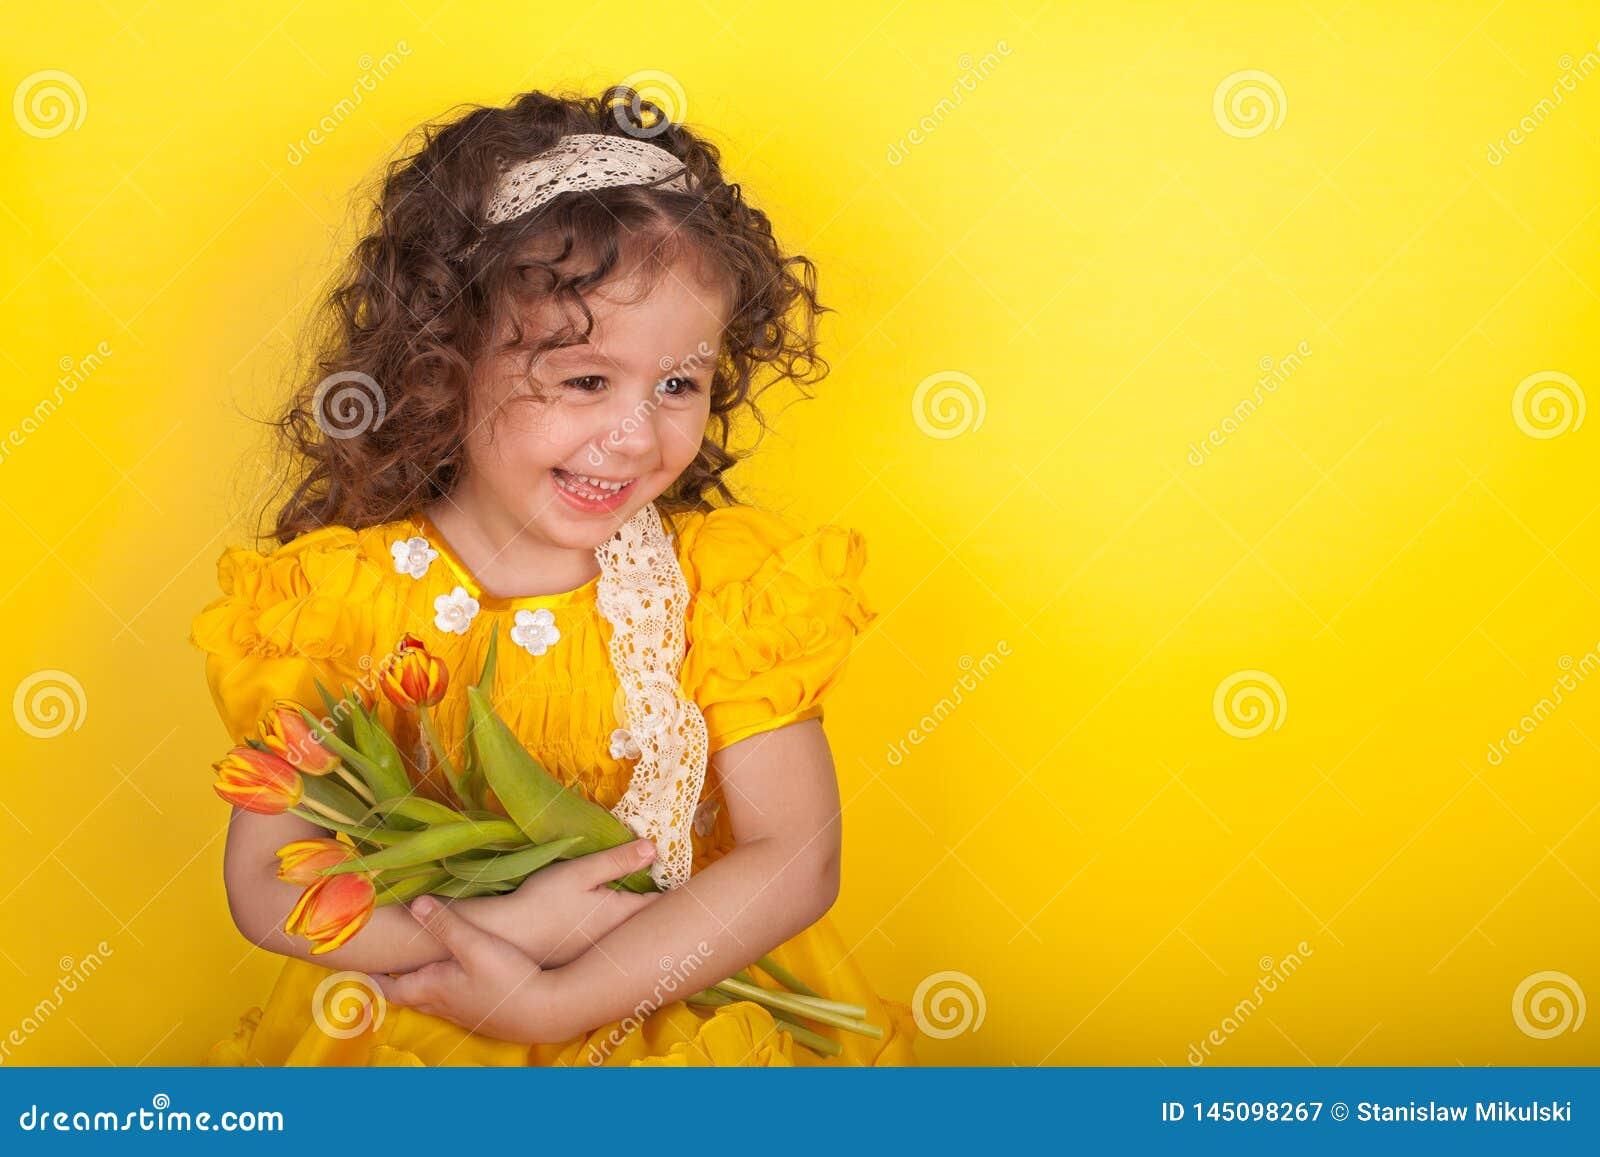 Meisje met tulpen in handen op gele achtergrond